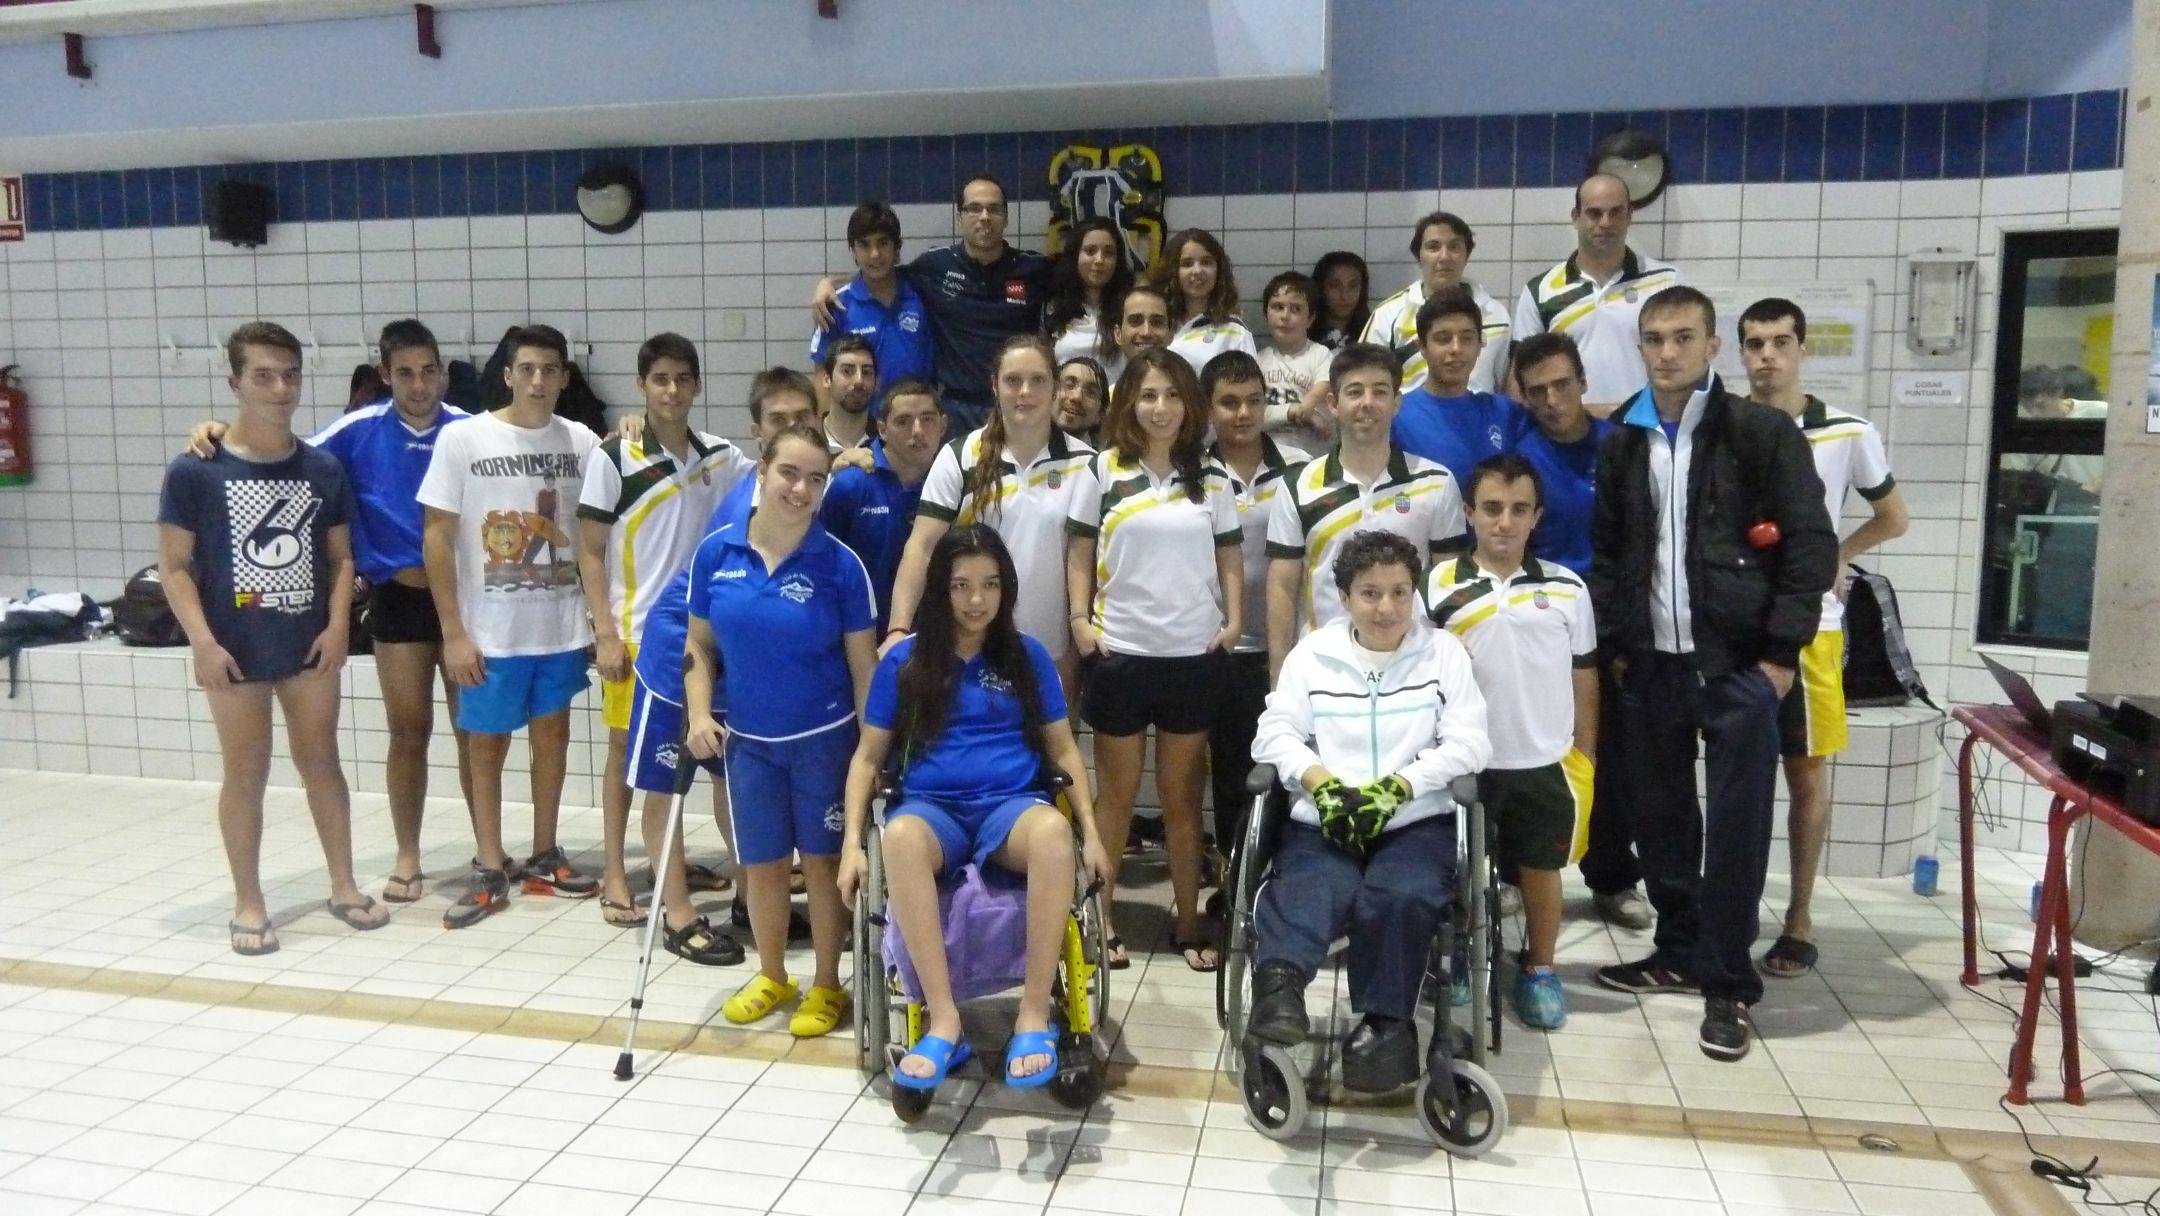 Buenos resultados para los nadadores madrileños en el III Open FMDPC-FUNDAR